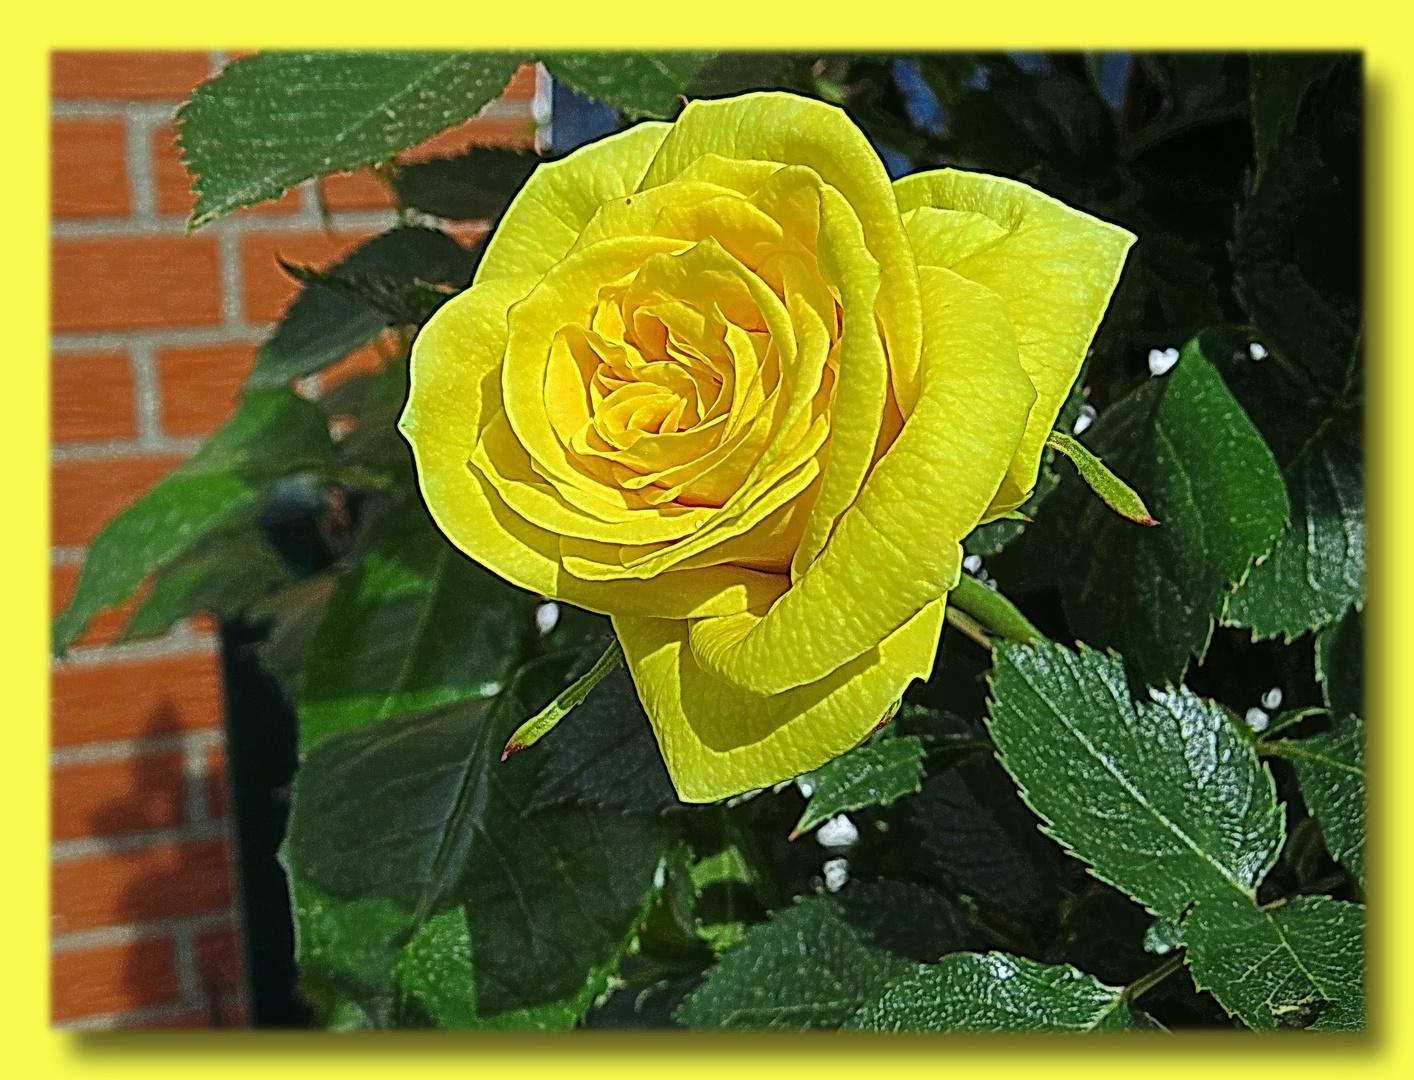 erste Gelbe an meinem Rosenstrauch i. d. Igelecke,